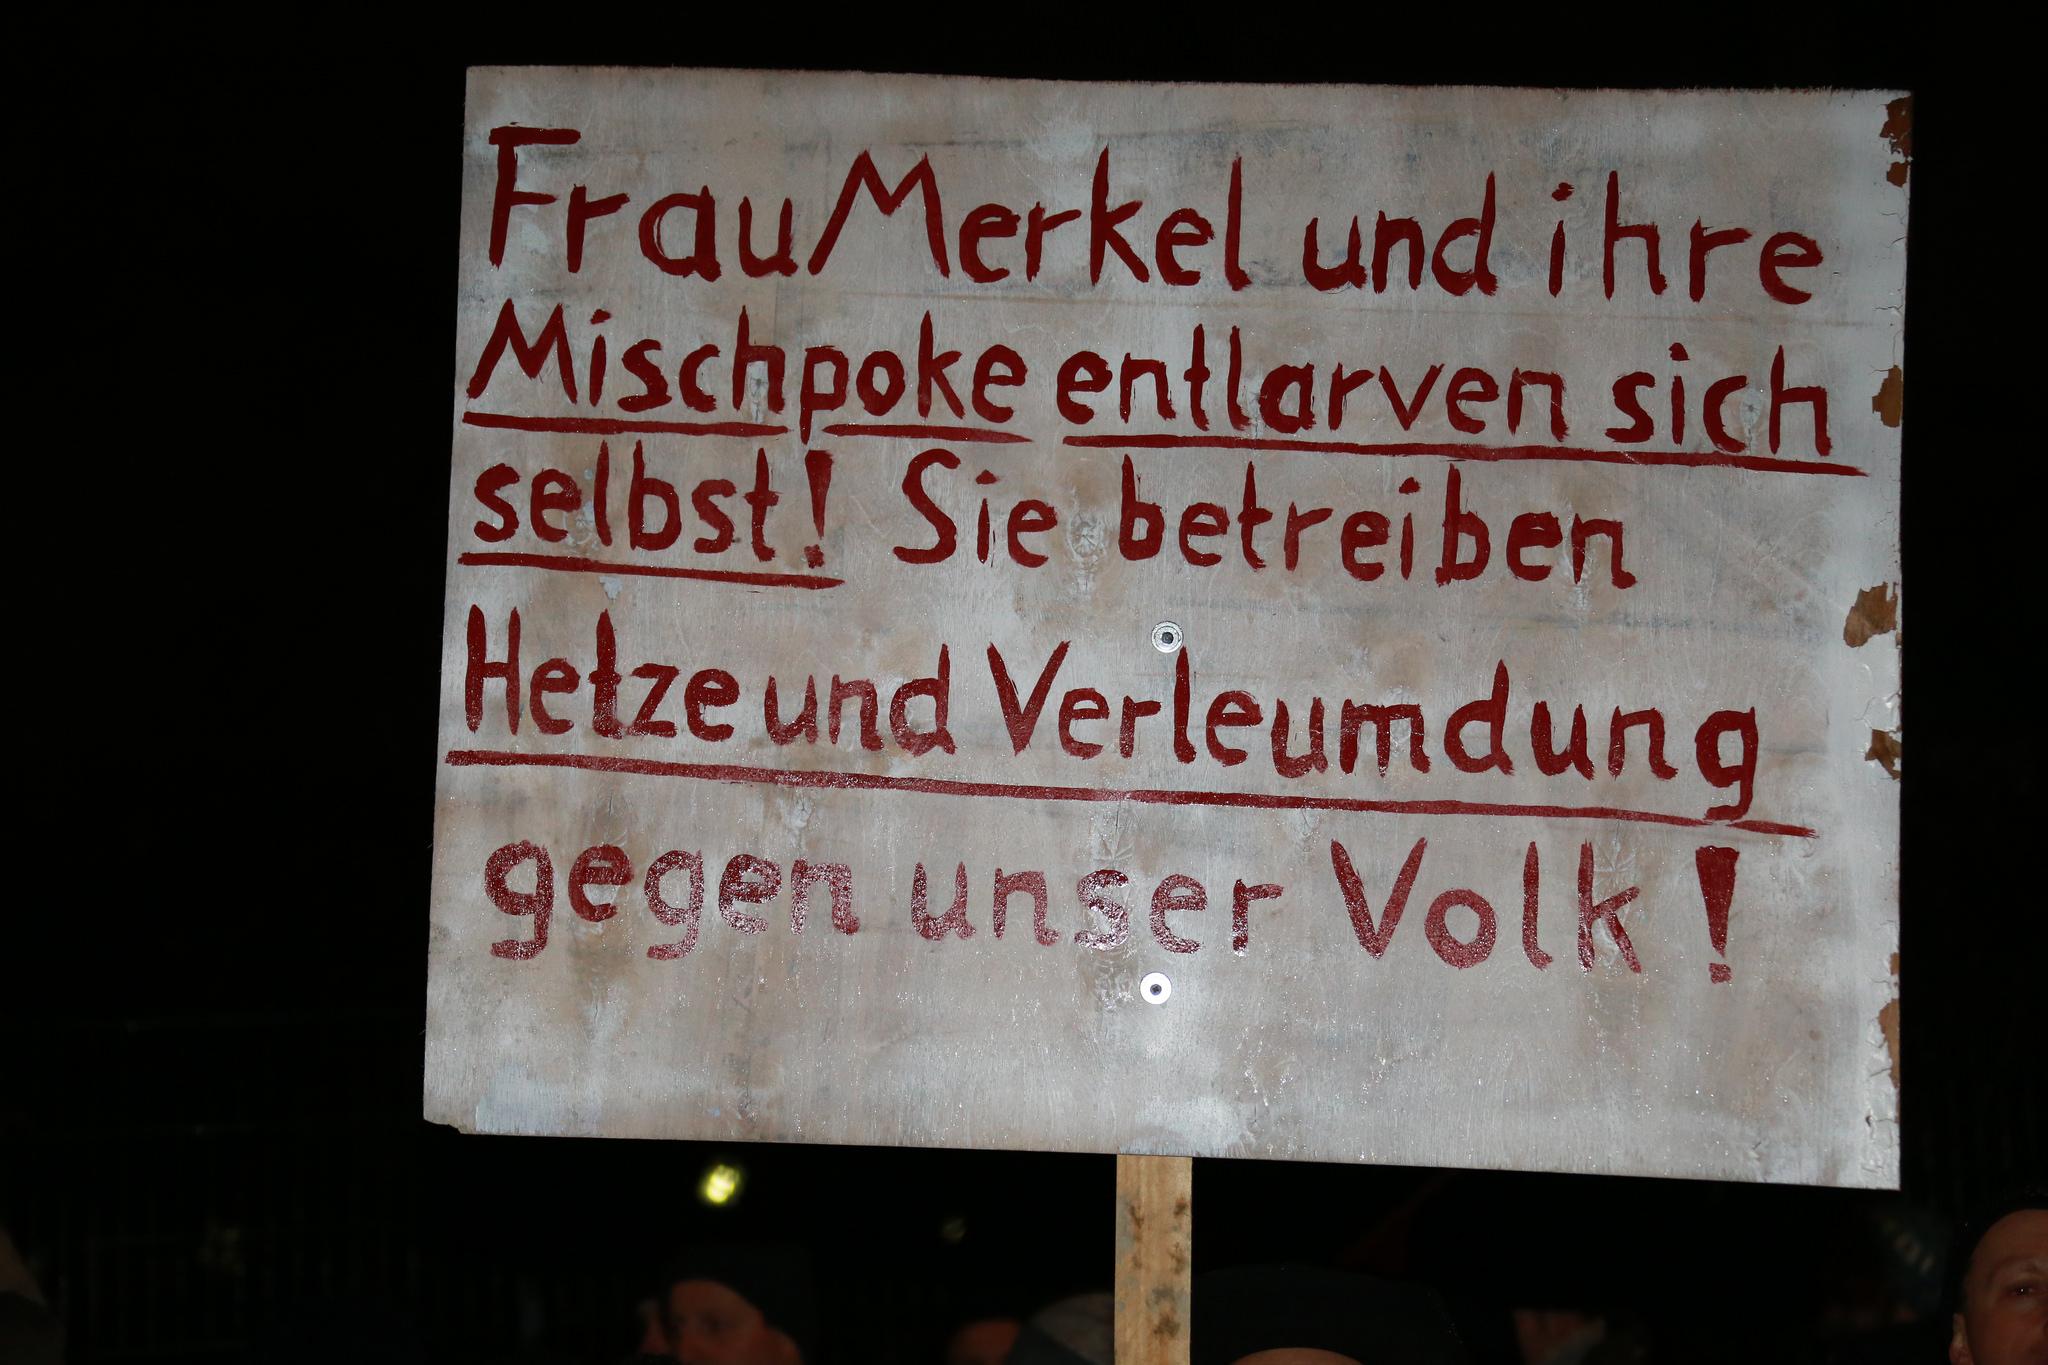 """""""Mischpoke"""": Schild eines Demonstranten auf einer Pegida-Veranstaltung am 5. Januar in Dresden. Foto: Metropolico / flickr (CC BY-SA 2.0)"""